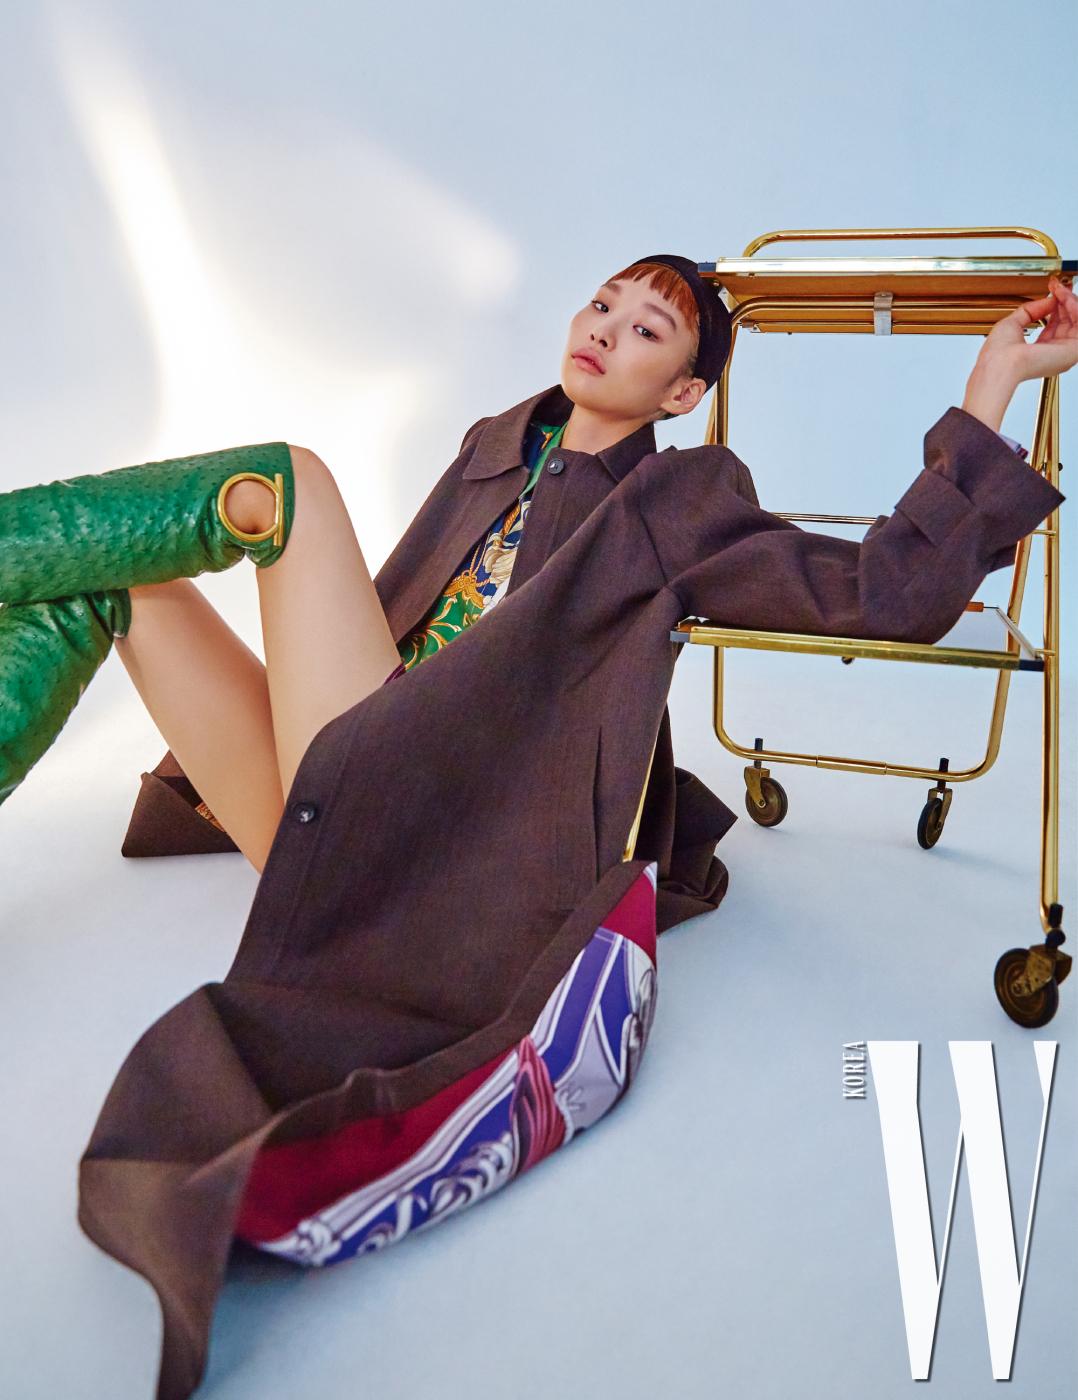 코트, 실크 소재의 프린트 셔츠 드레스, 로고 장식 부츠는 모두 Salvatore Ferragamo 제품.